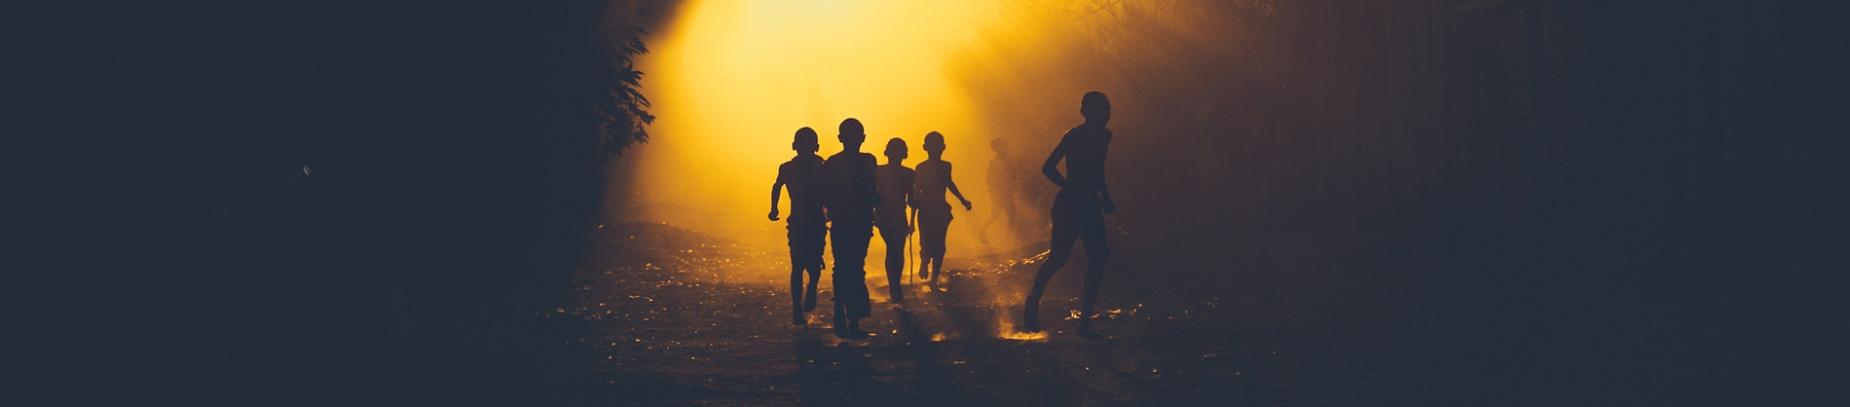 Children running down a sun lit road